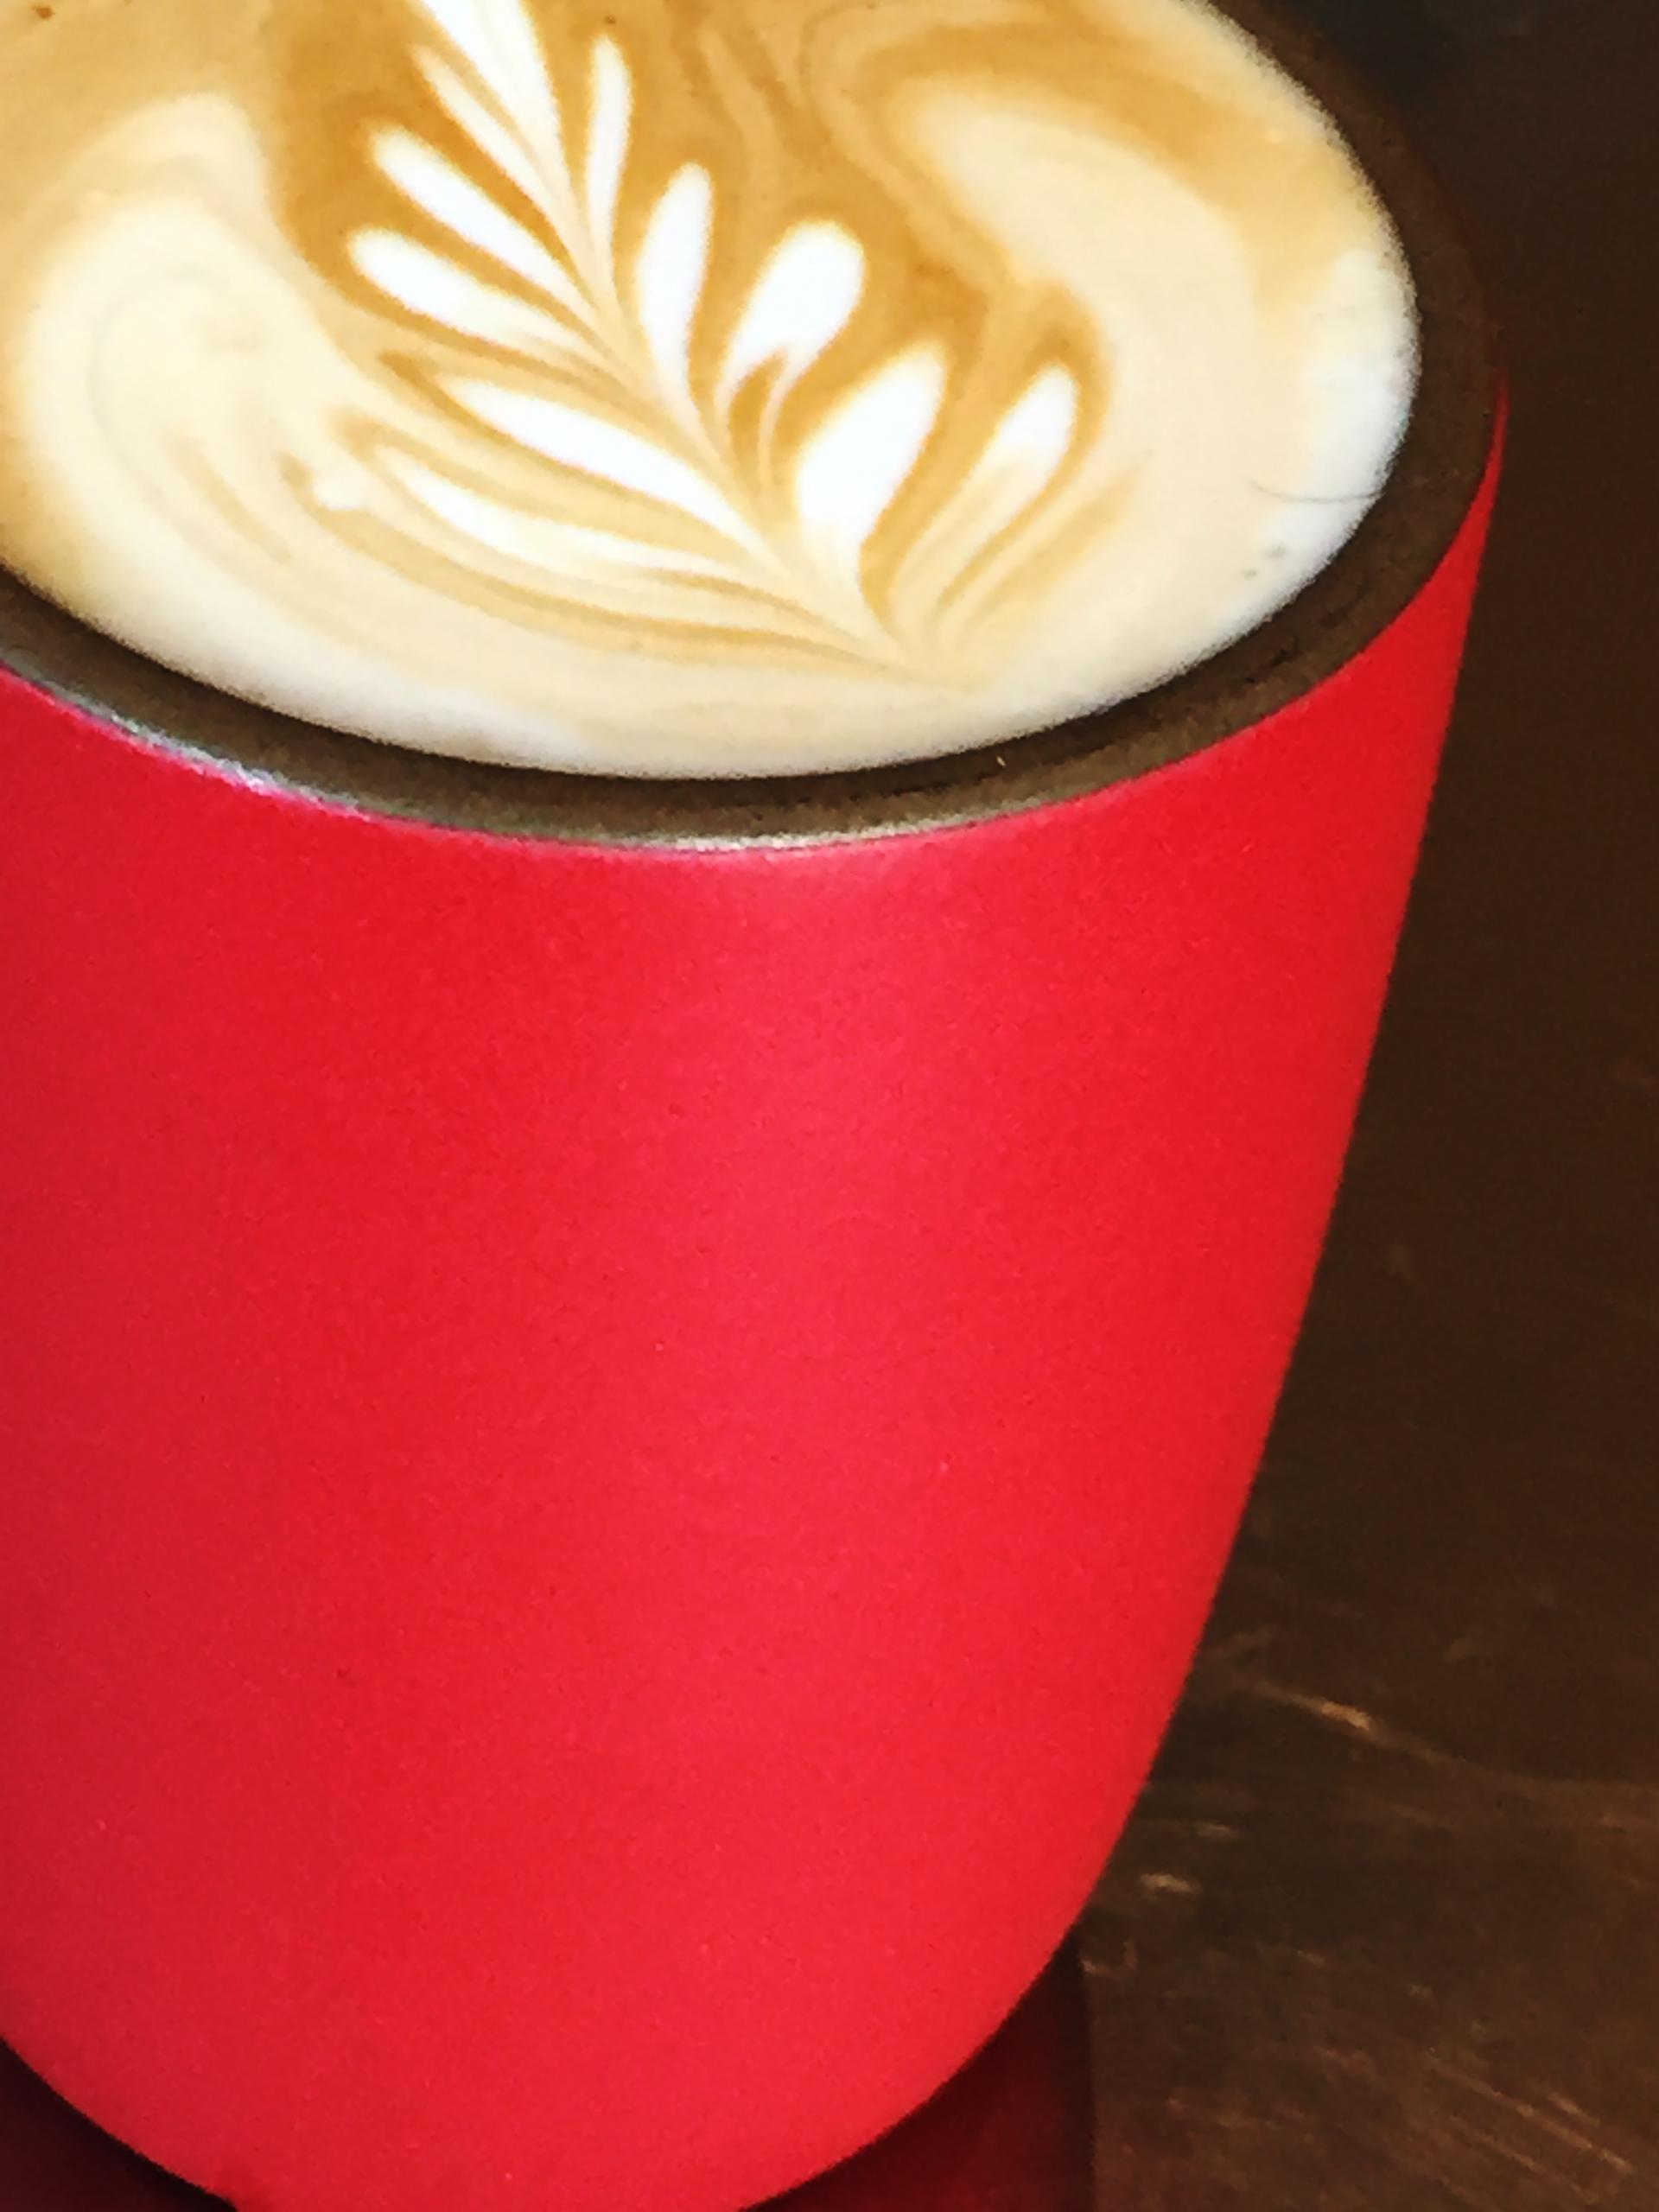 Linea cappuccino